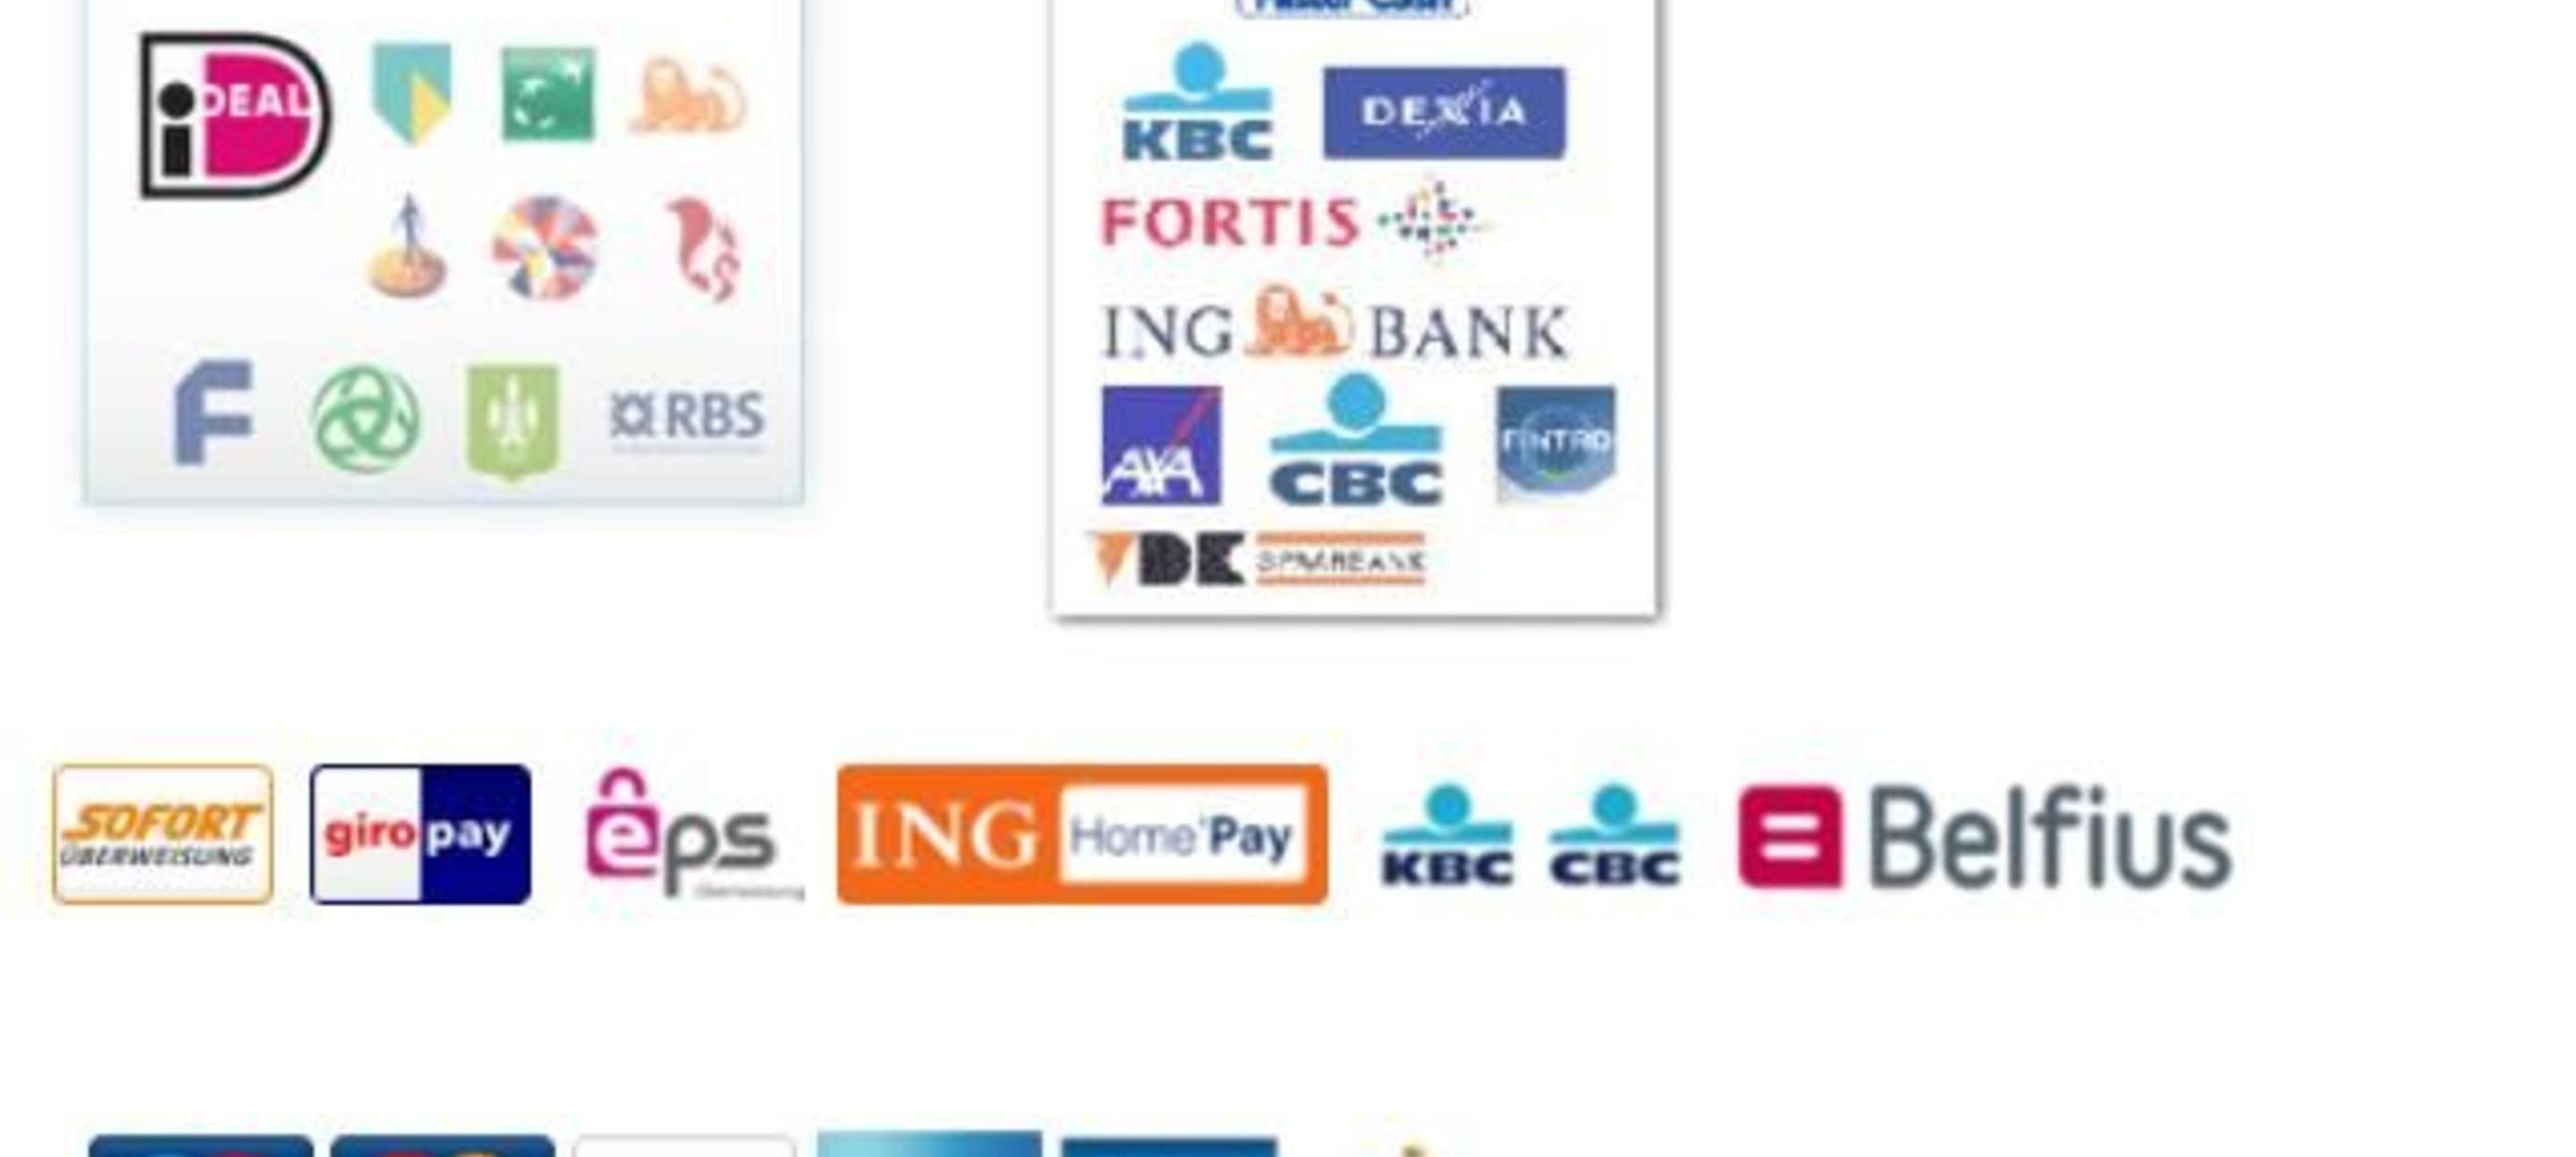 Wist je dat je bij ARLIZI Sieraden ook kunt betalen met: GiroPay, EPS, Belfius, ING Home'Pay?